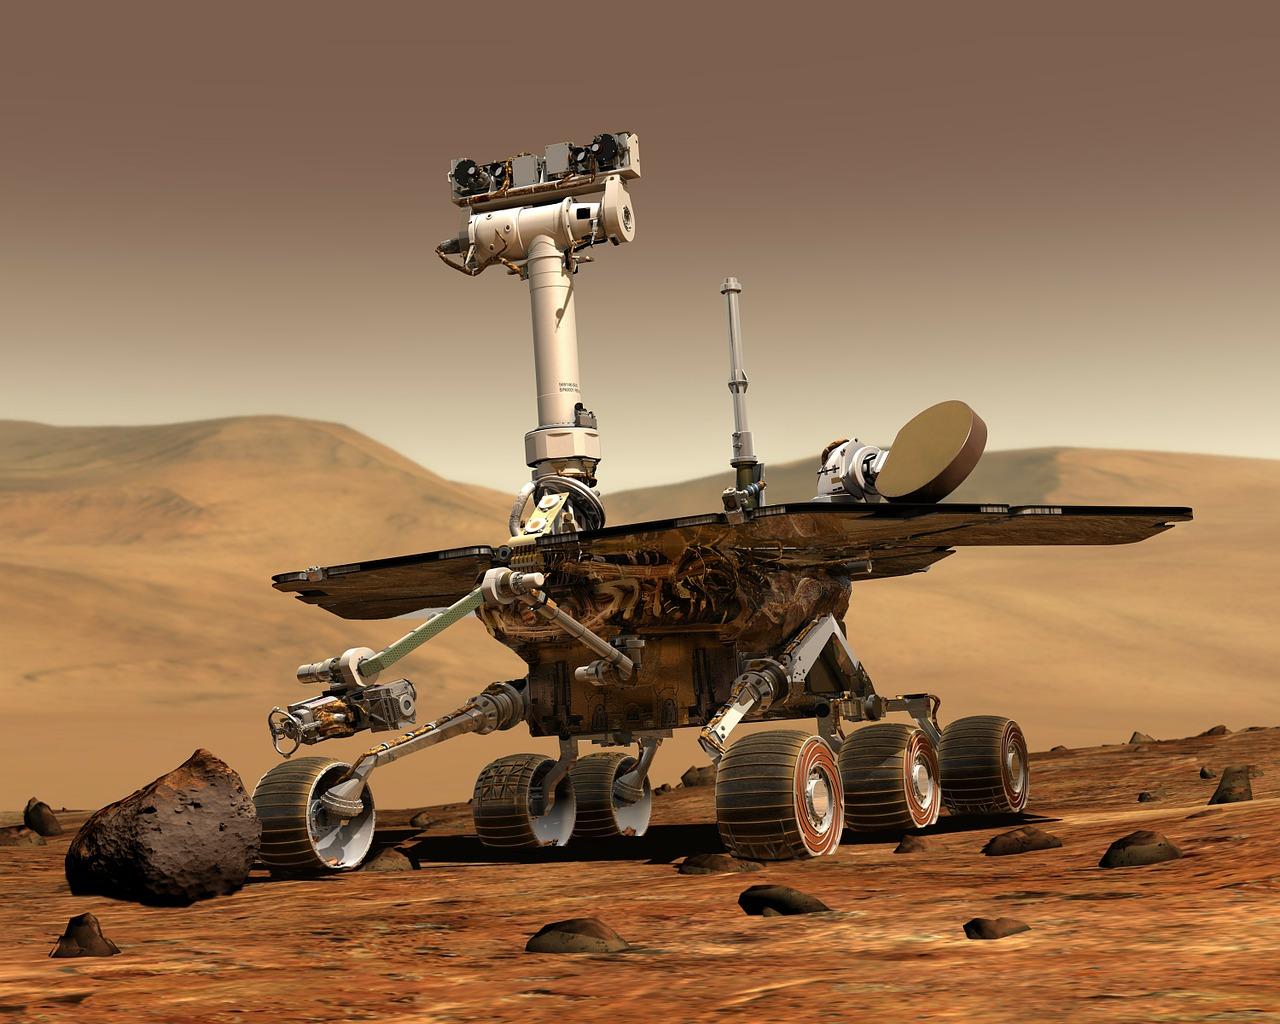 NASA: utoljára próbálnak kapcsolatba lépni az Opportunity marsjáró robottal